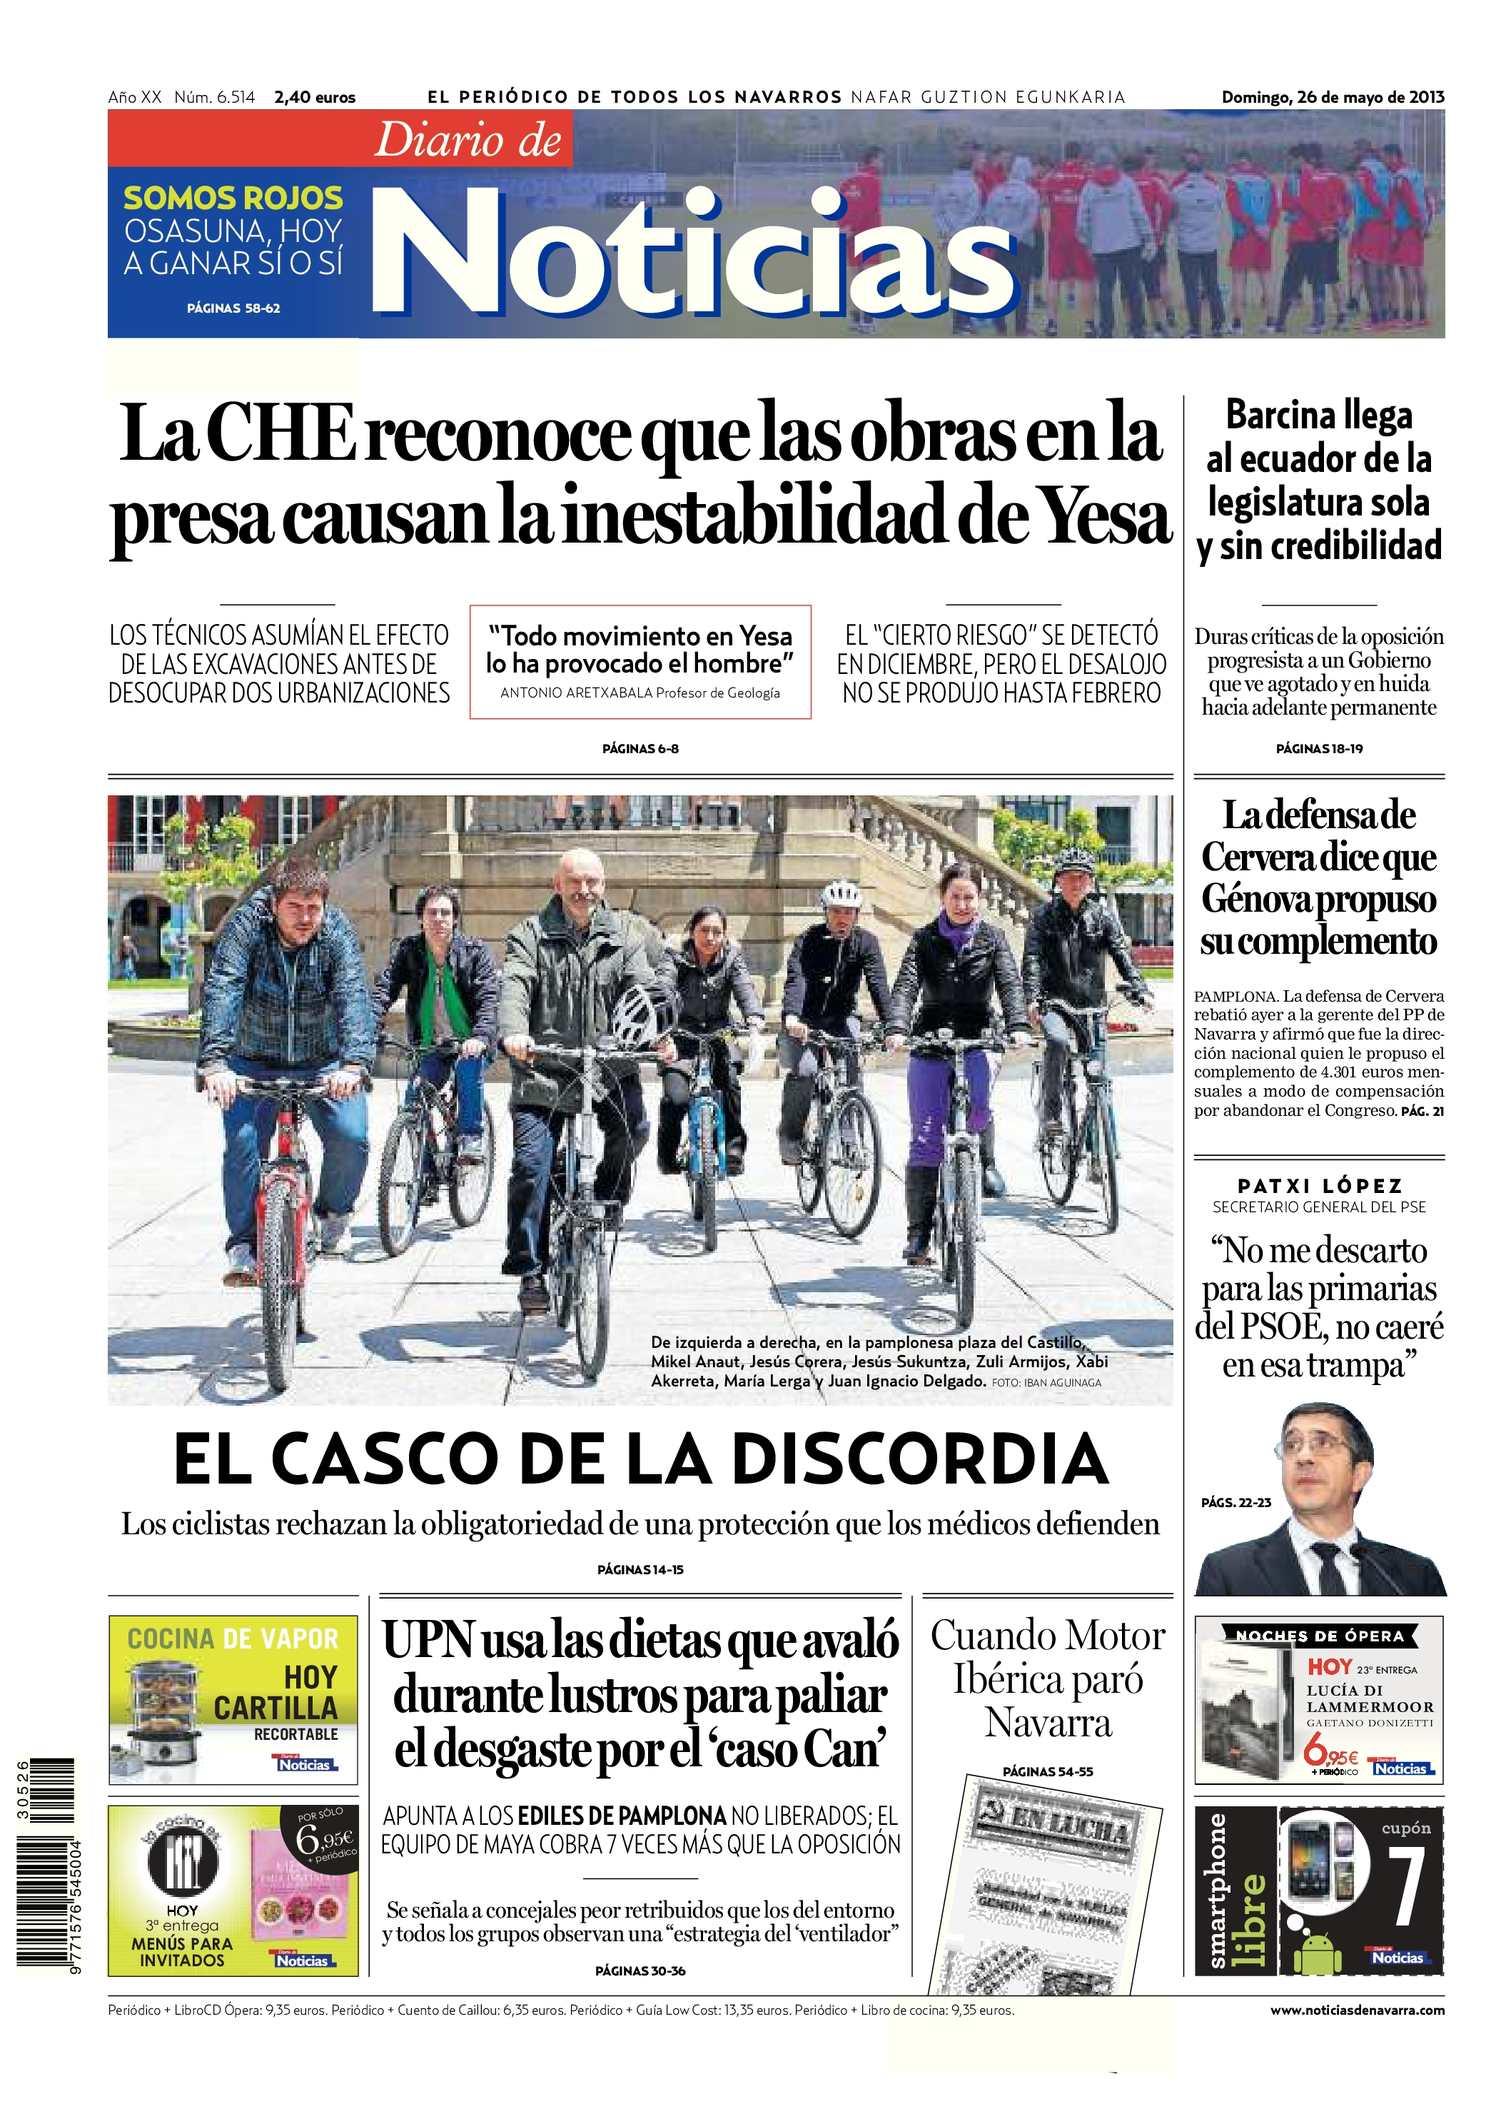 c60141b8ea4e6 Calaméo - Diario de Noticias 20130526